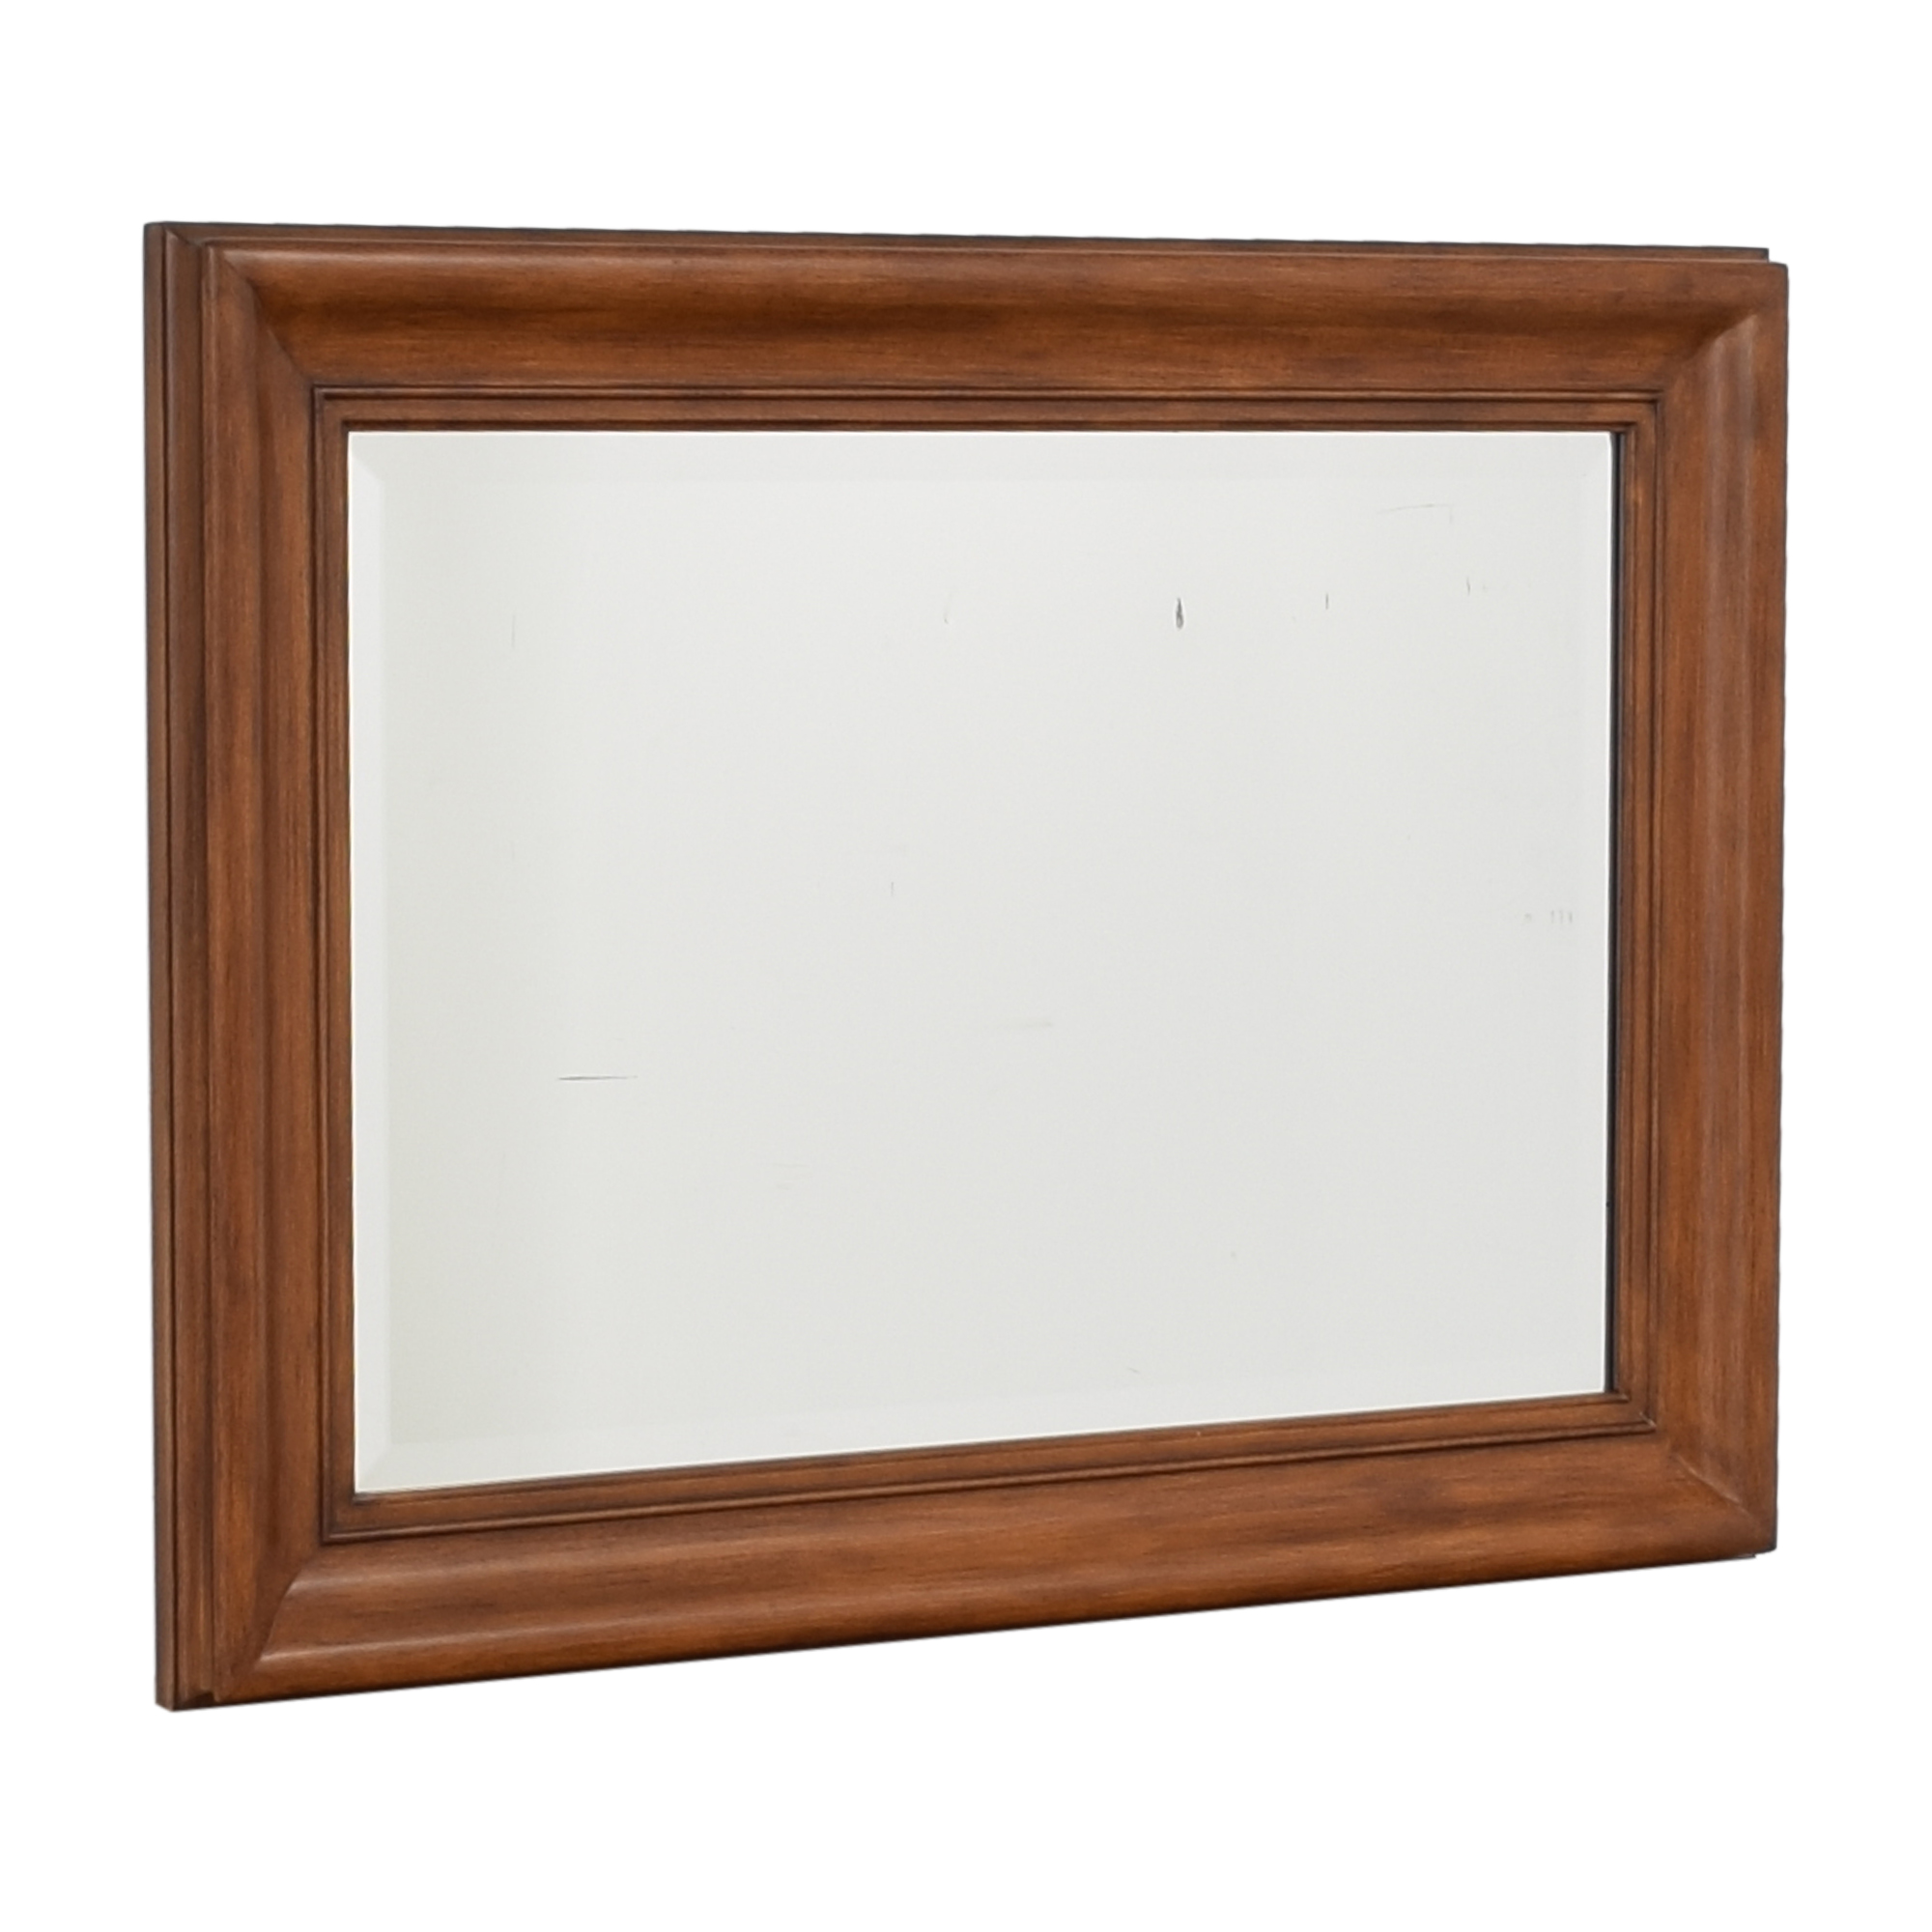 Bassett Mirror Company Bassett Mirror Company Wall Mirror pa